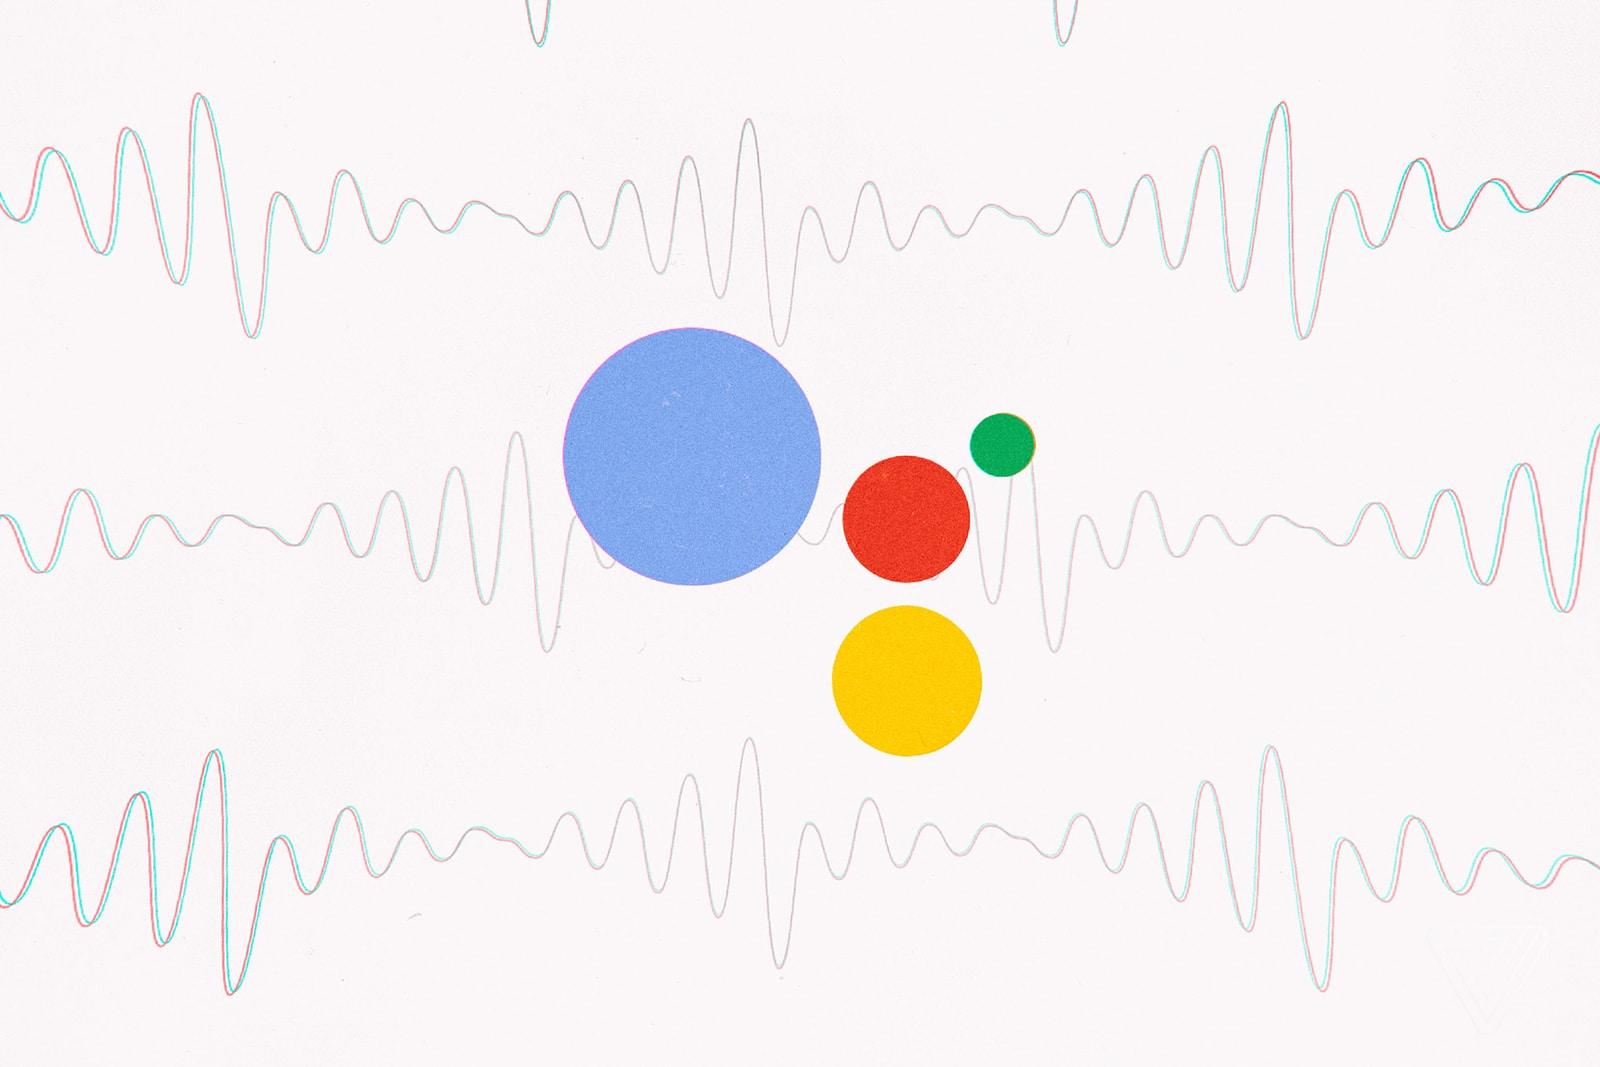 Google công bố trợ lý ảo Google Assistant phiên bản mới, tập trung cải thiện tốc độ xử lý